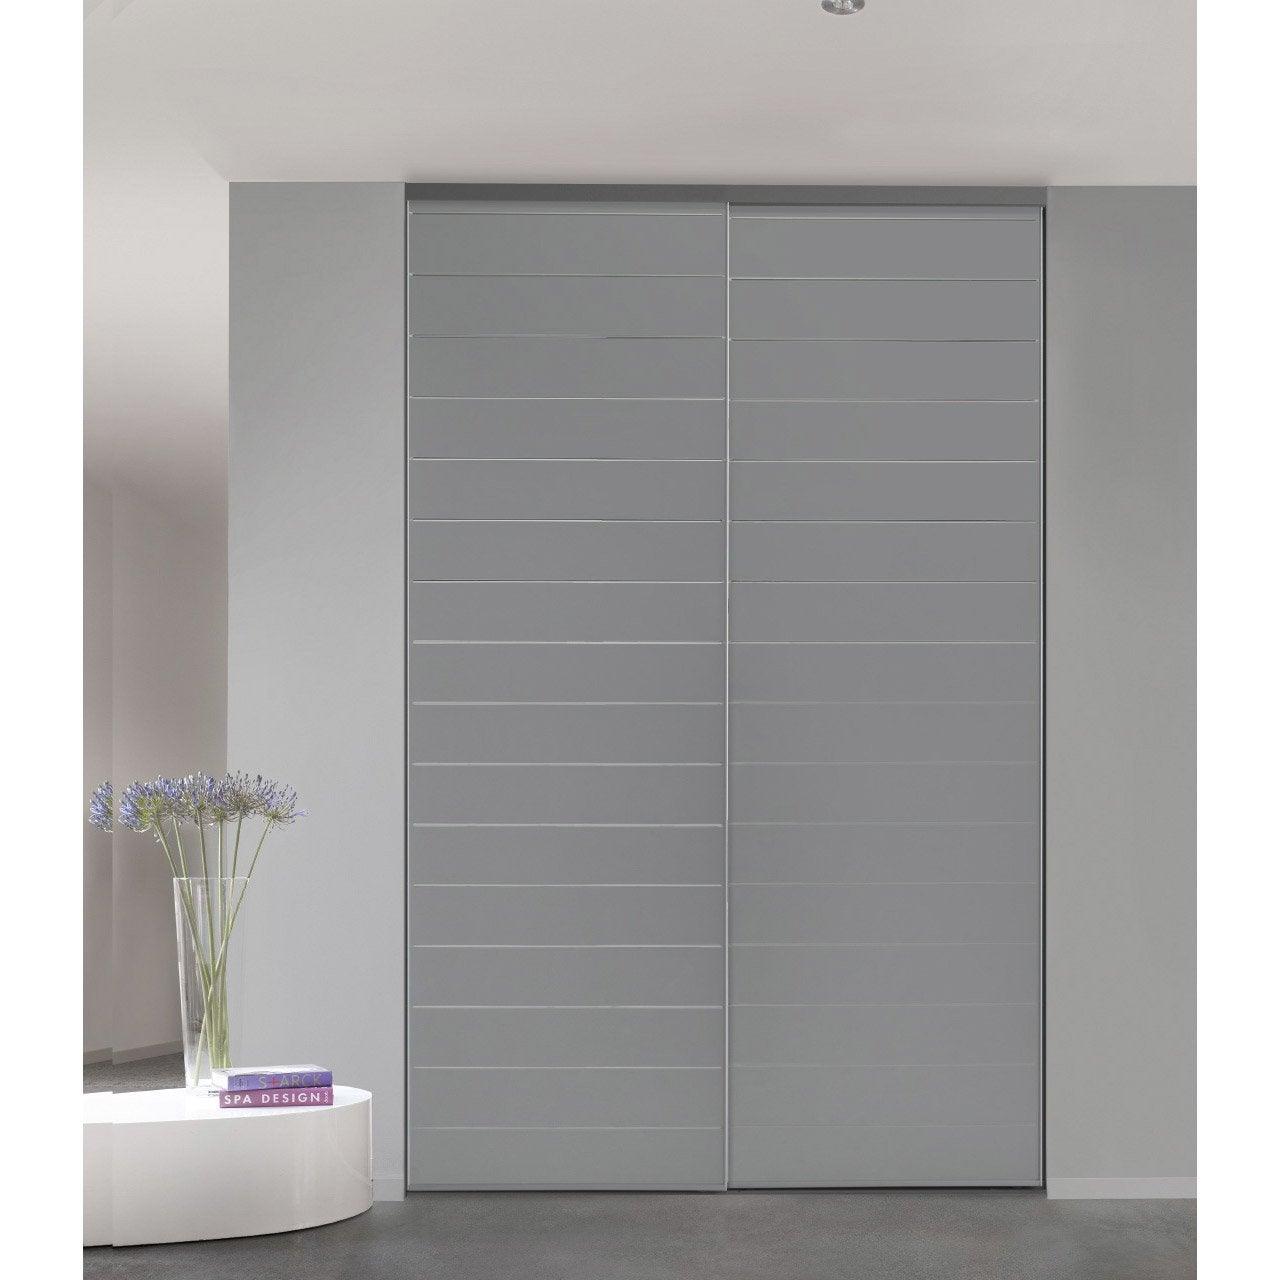 Porte de placard coulissante sur mesure optimum uno de 80 - Optimum porte de placard ...